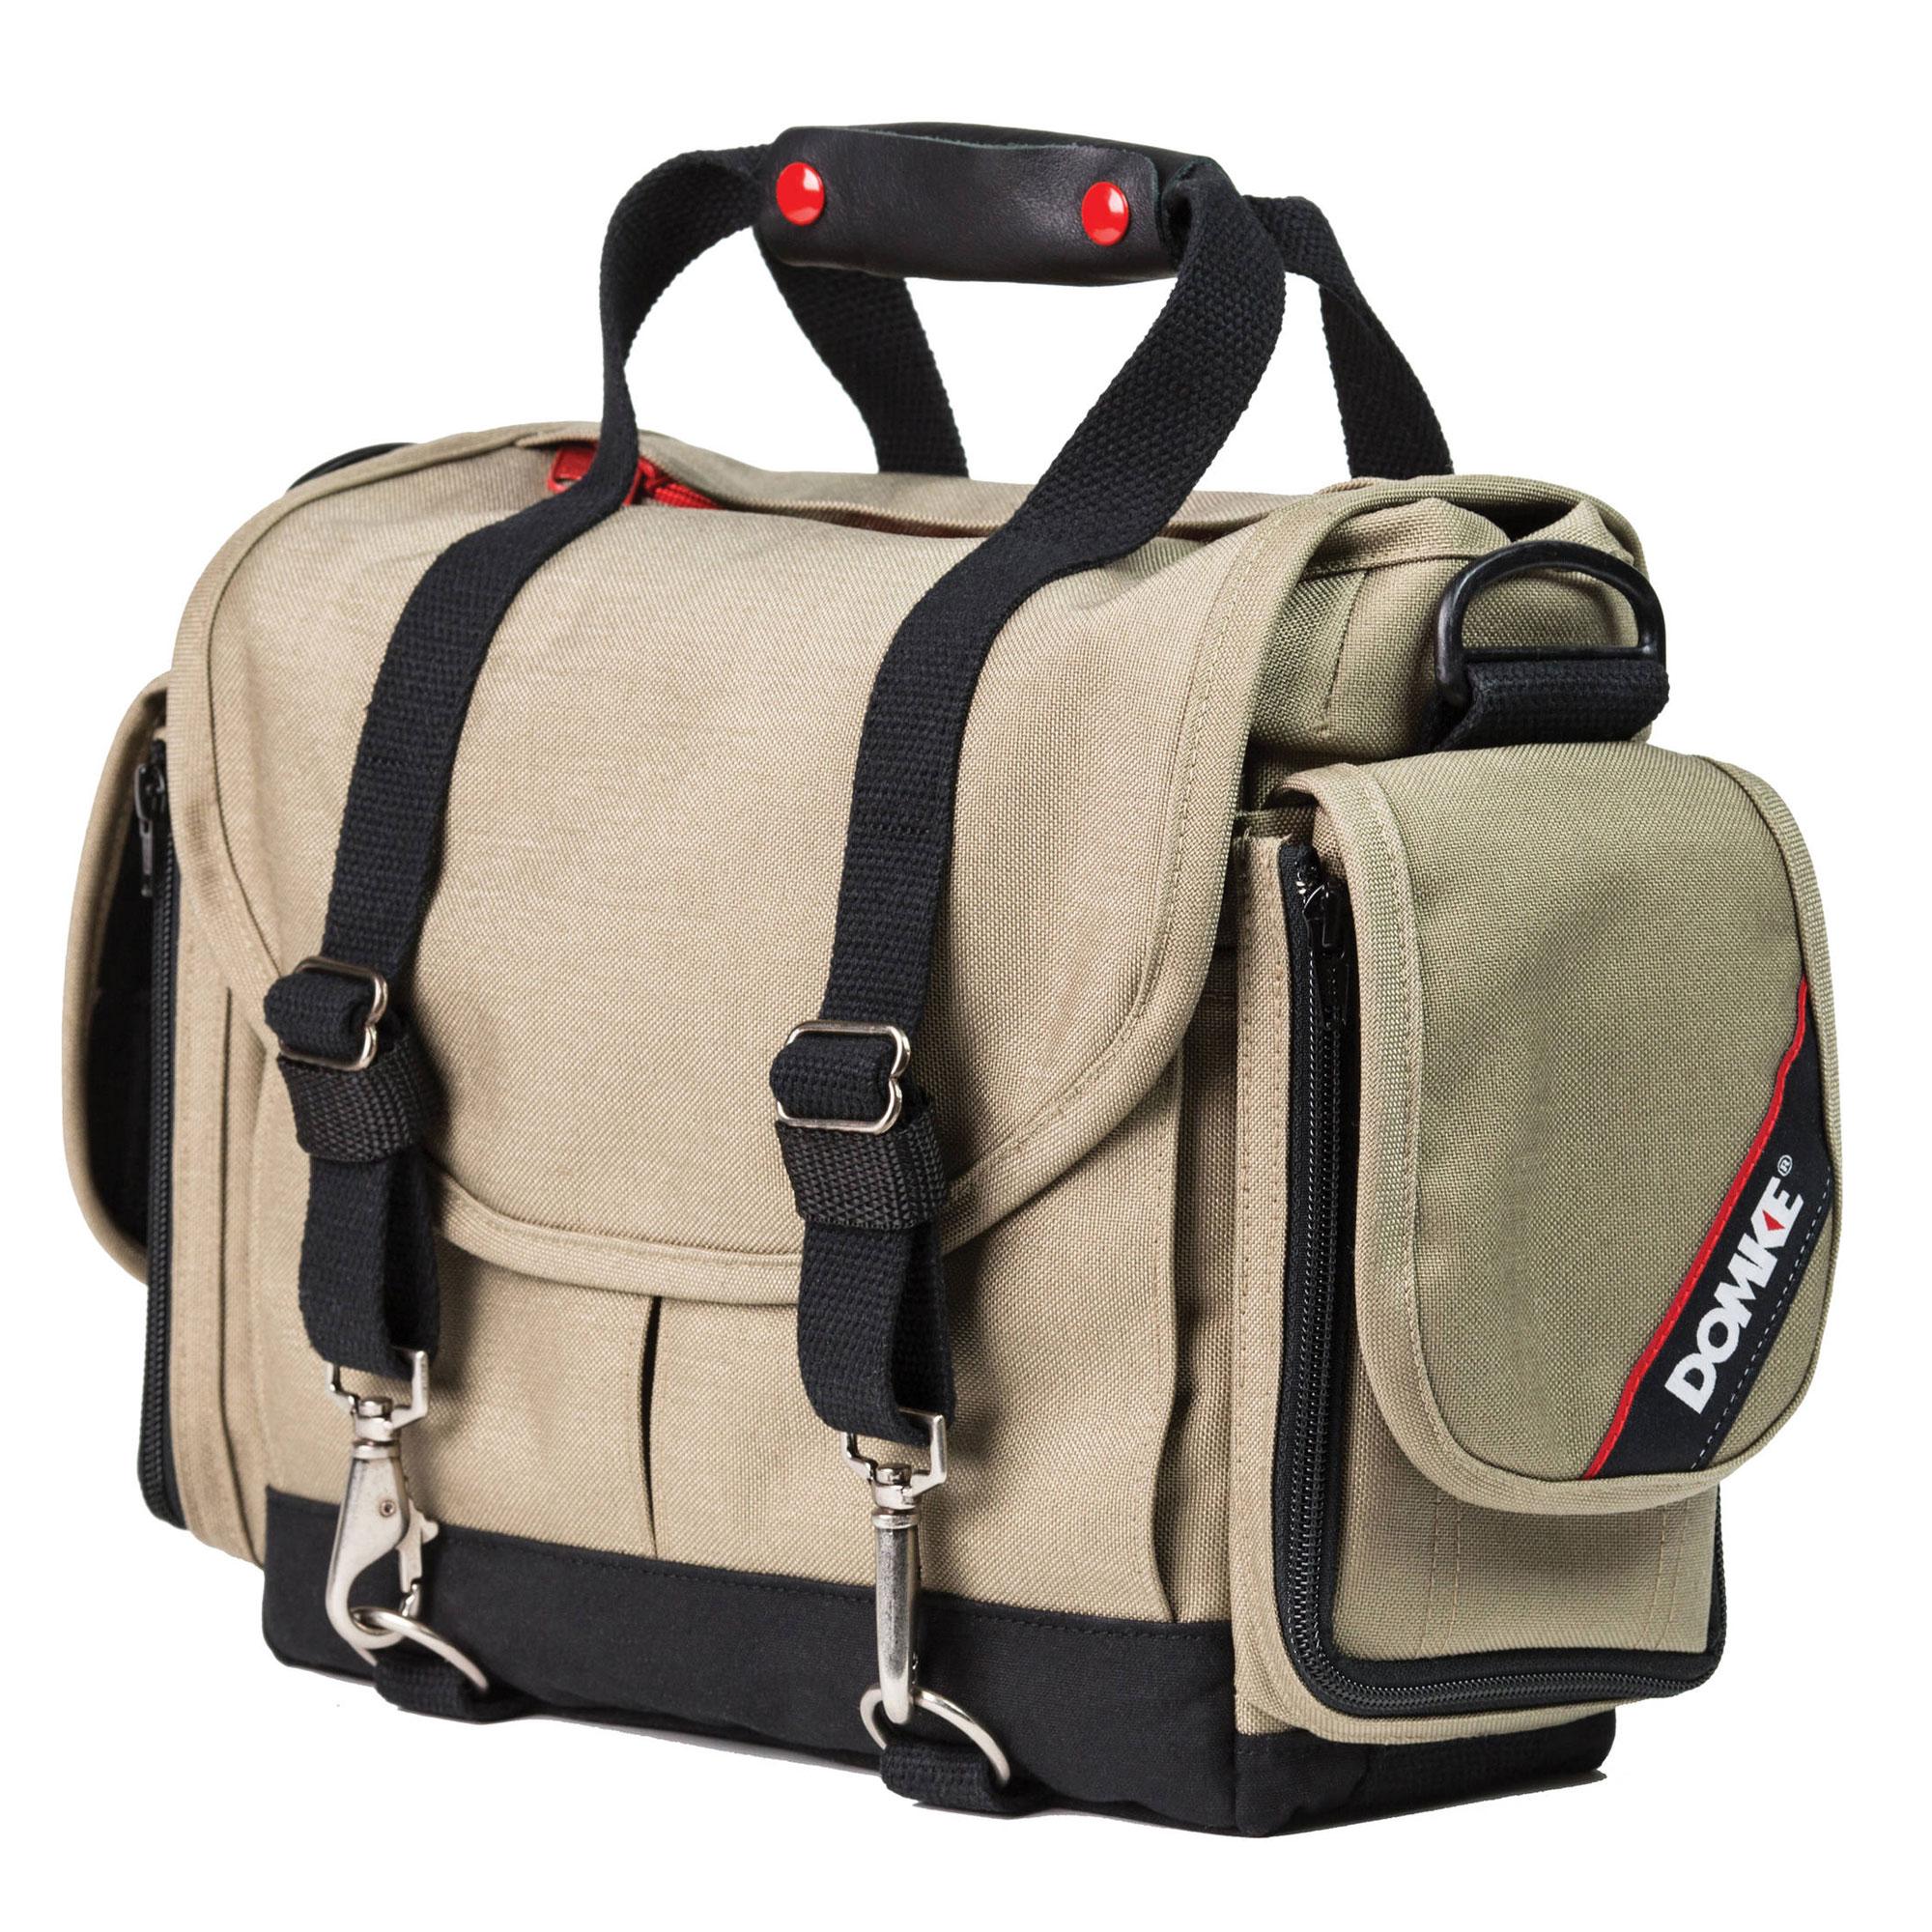 Image of Domke Director Shoulder Bag (Stone/Black)